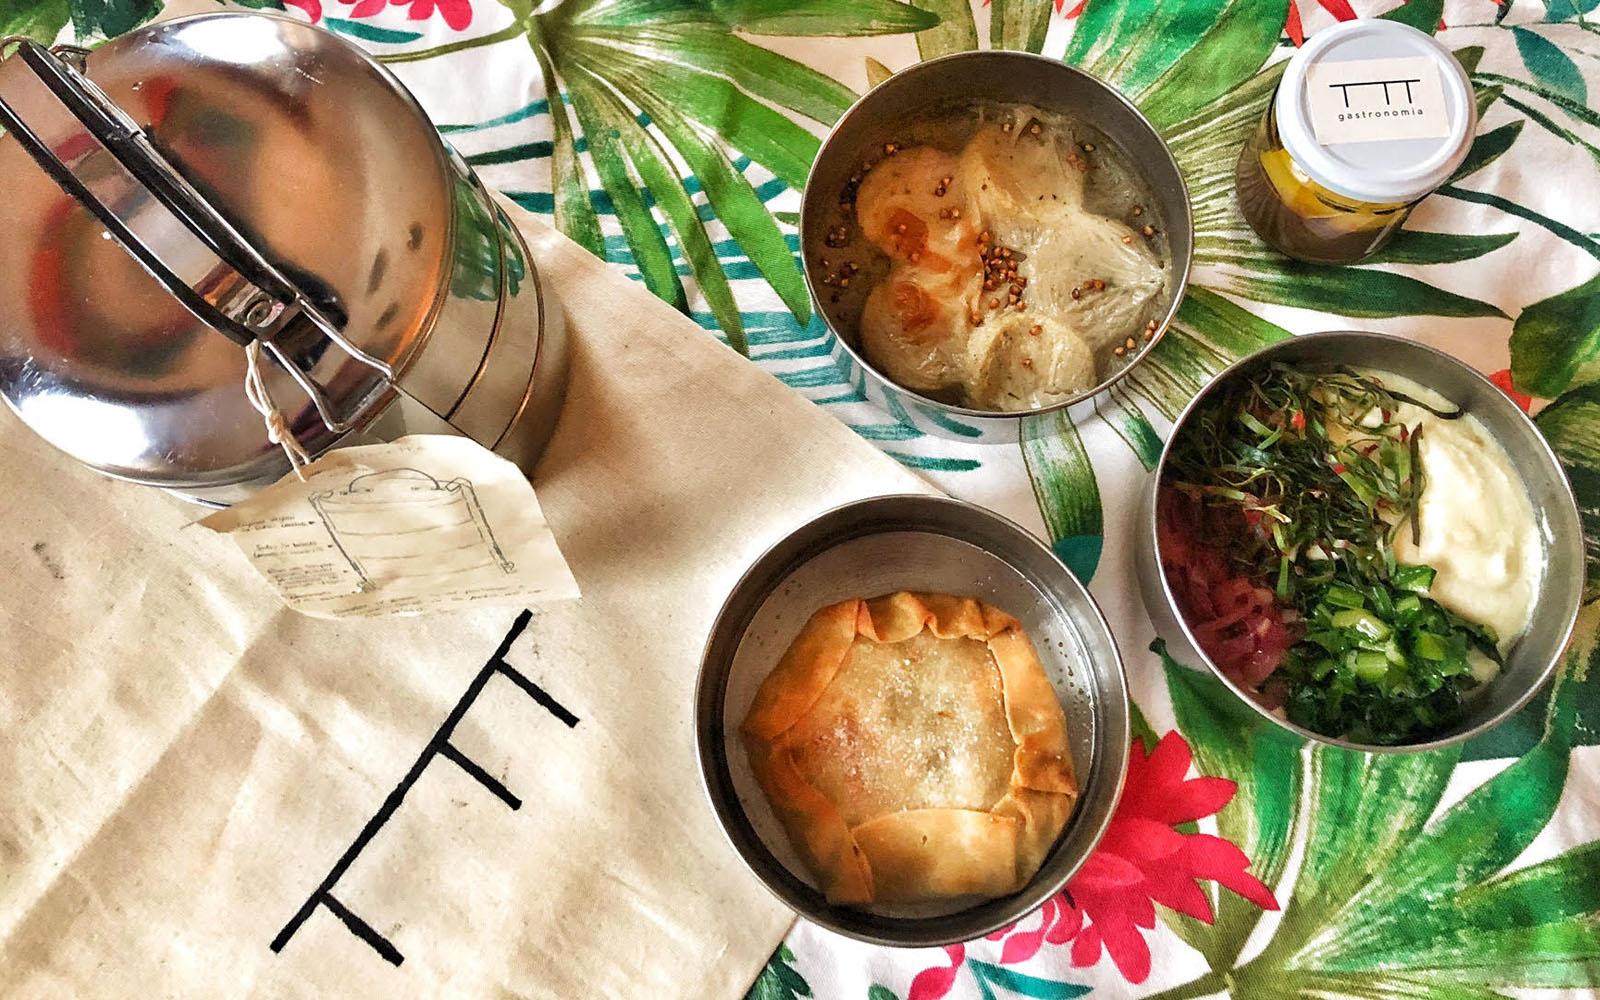 Menù vegano di Altatto, con gnocchi alla romana e purea di fave e cicoria. © oltreilbalcone